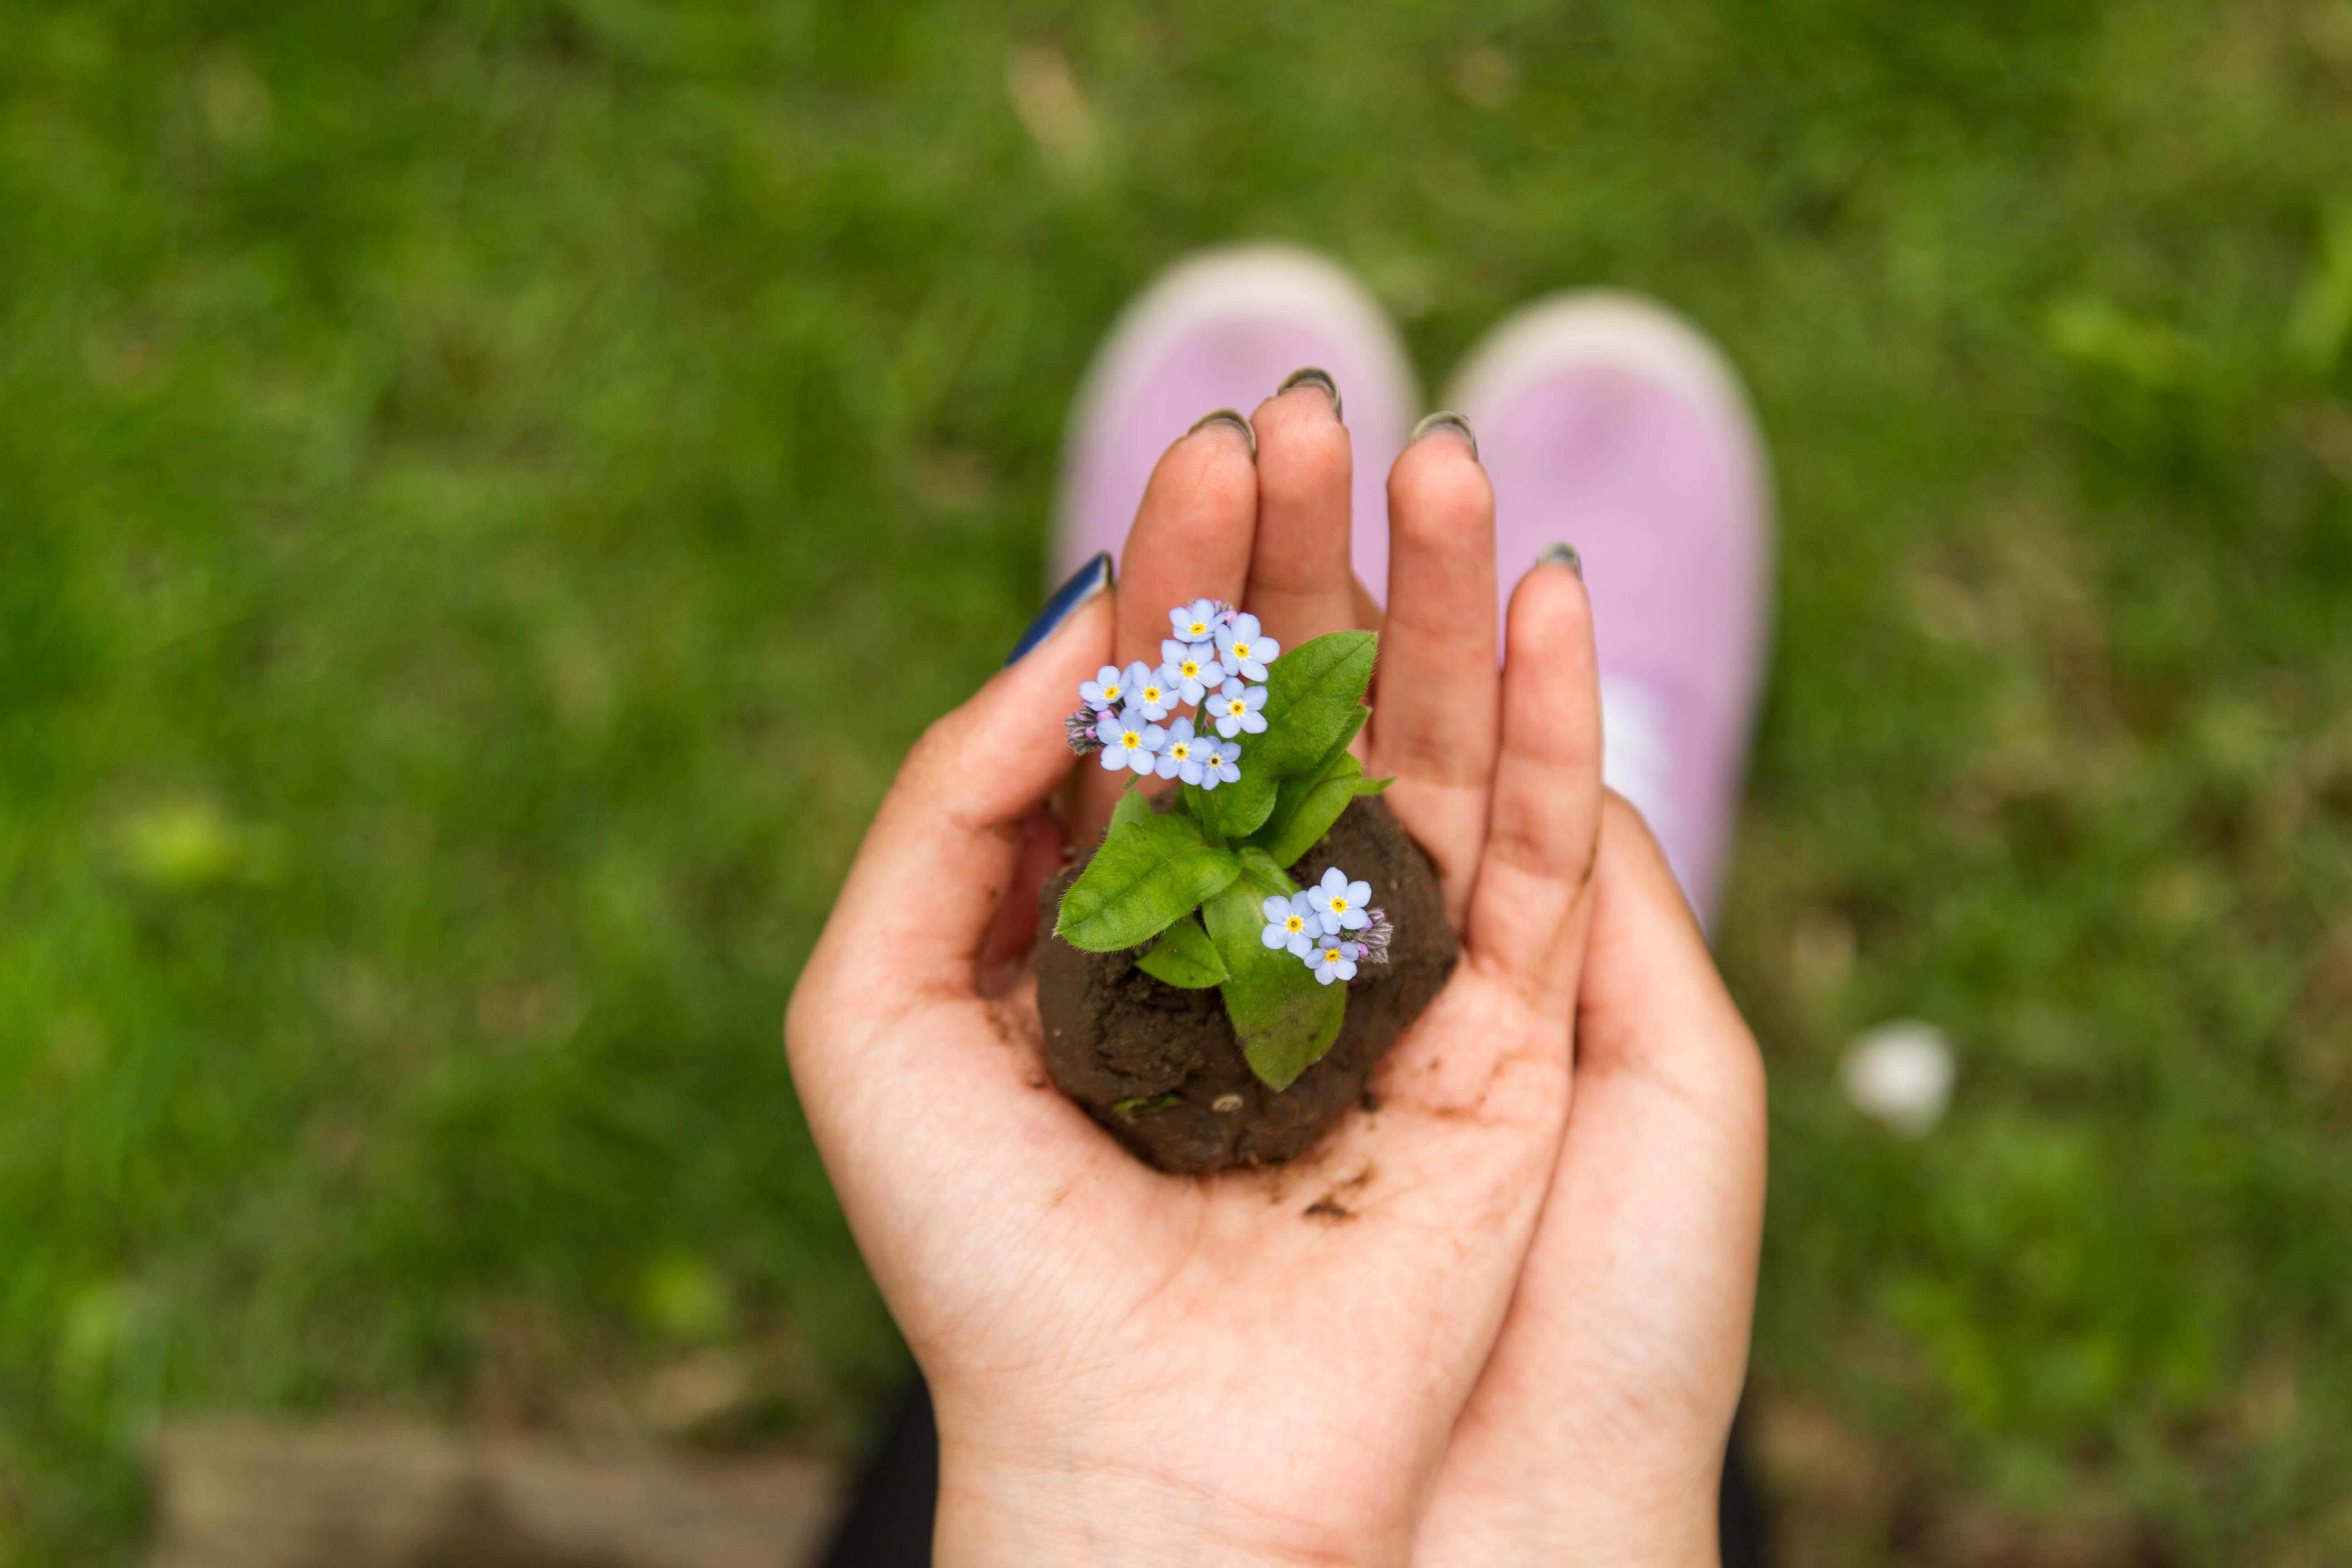 Arredare Un Giardino Idee come arredare il giardino: 5 idee fai da te originali e a